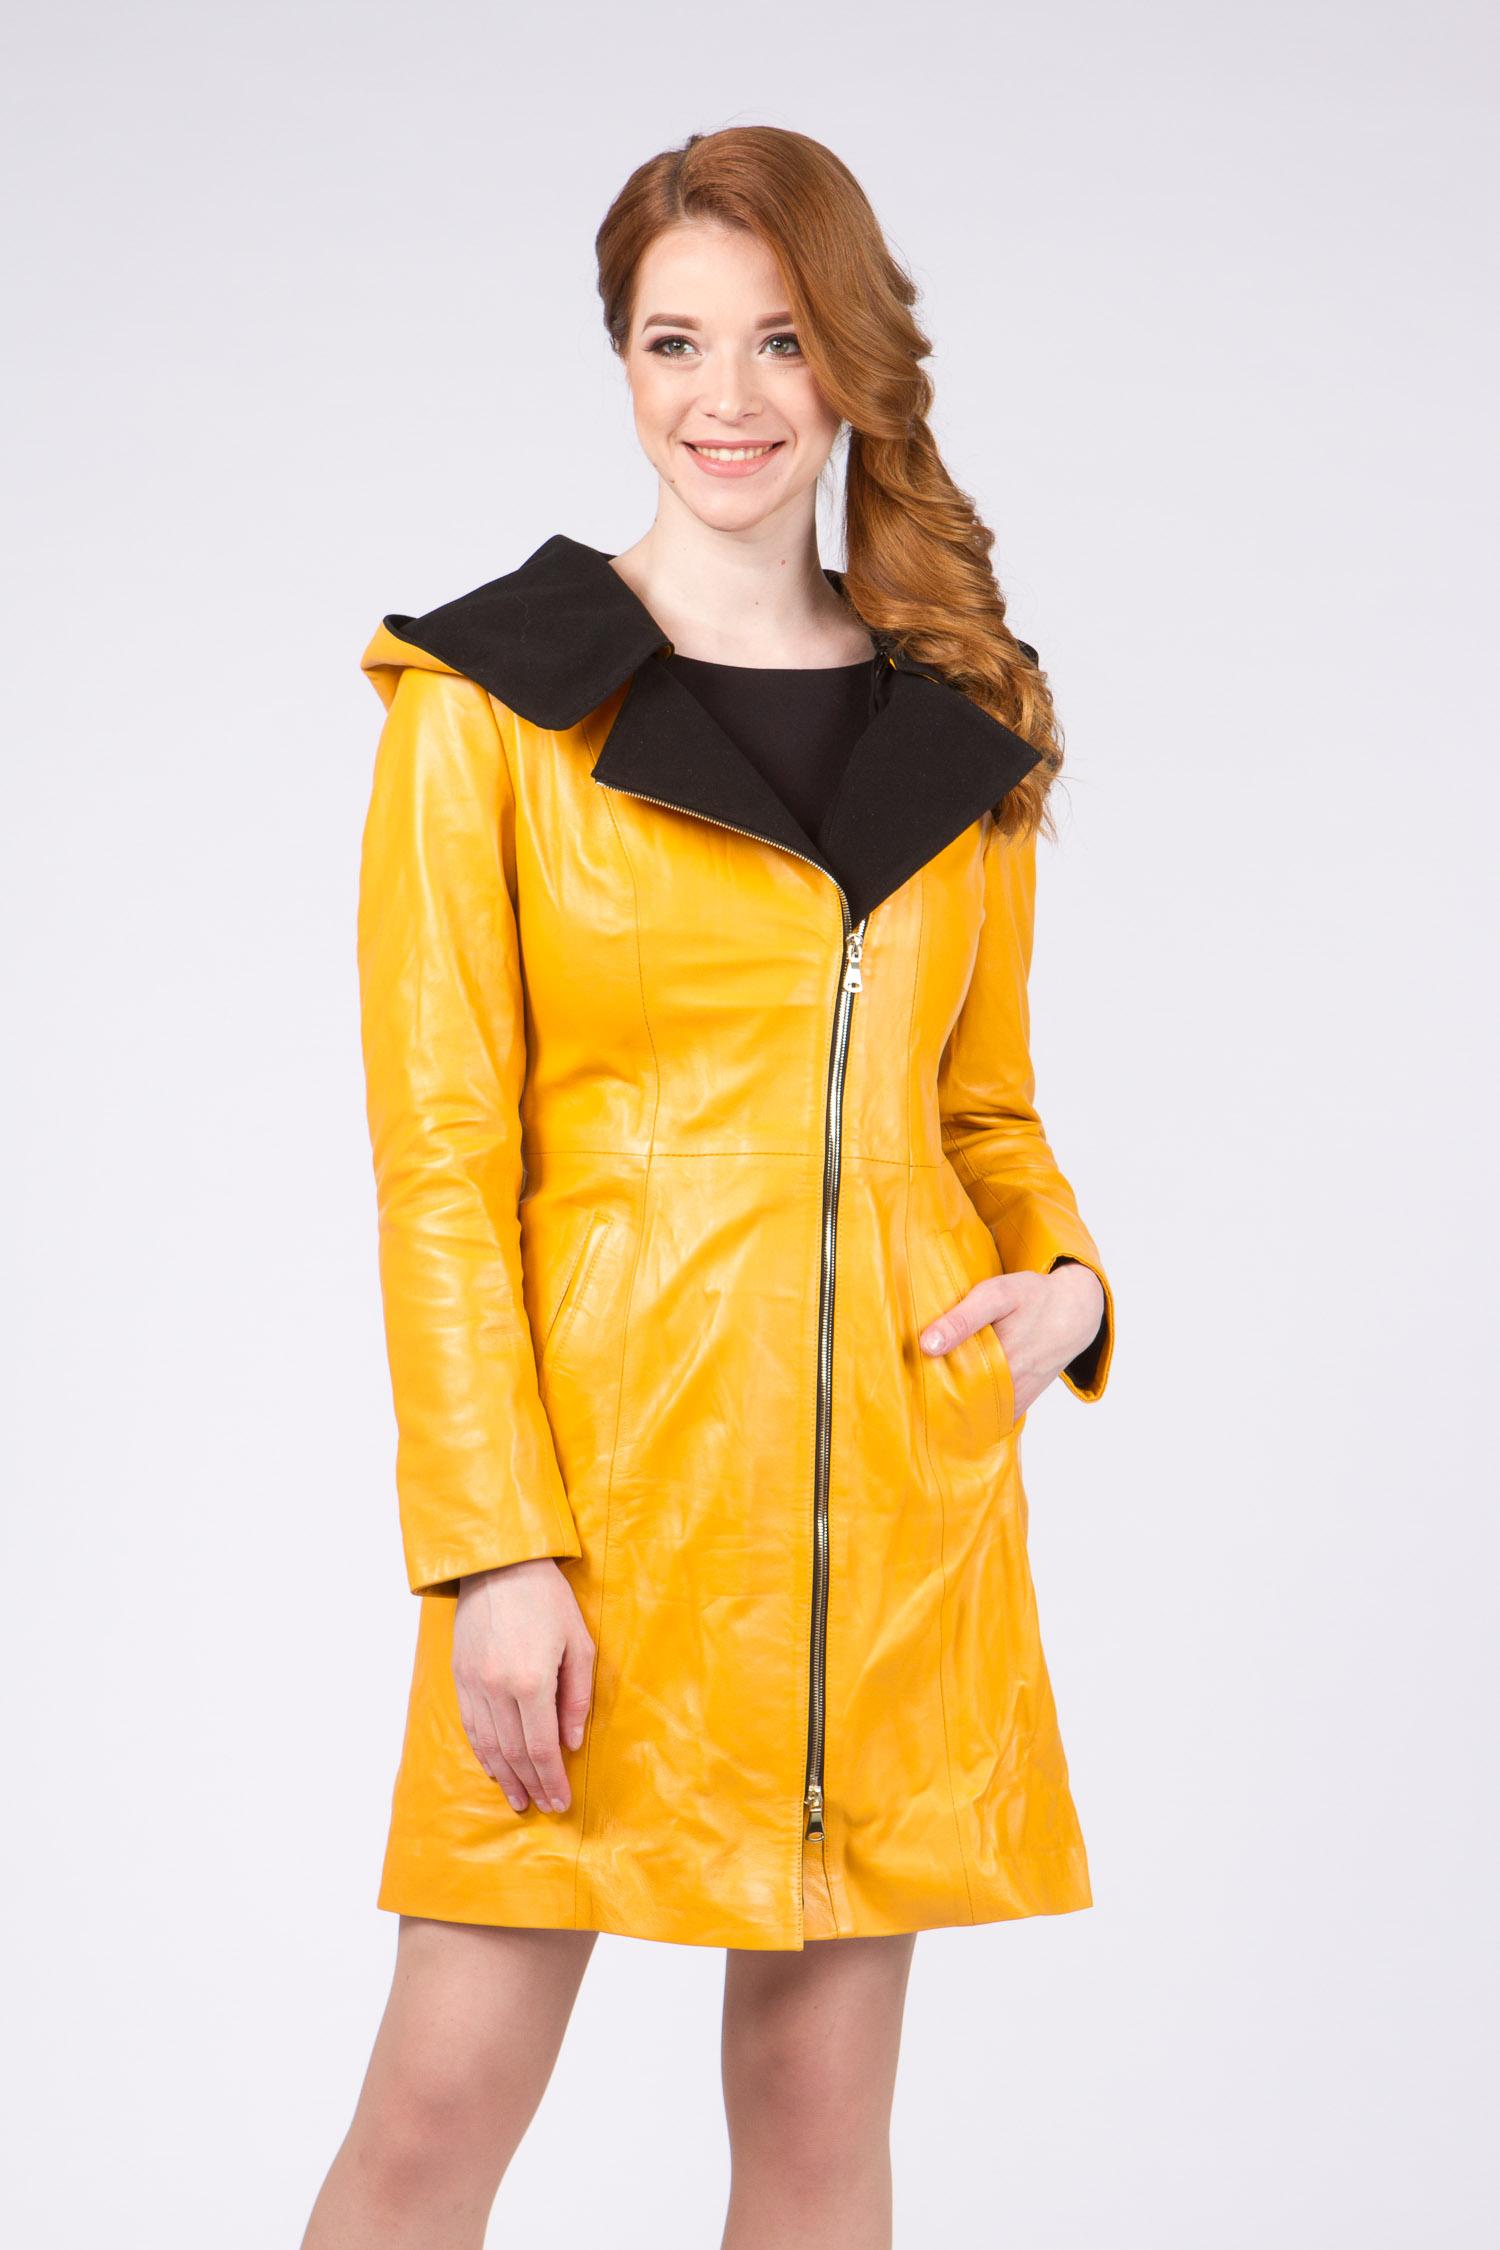 Женское кожаное пальто из натуральной кожи с капюшоном, без отделки Женское кожаное пальто из натуральной кожи с капюшоном, без отделки